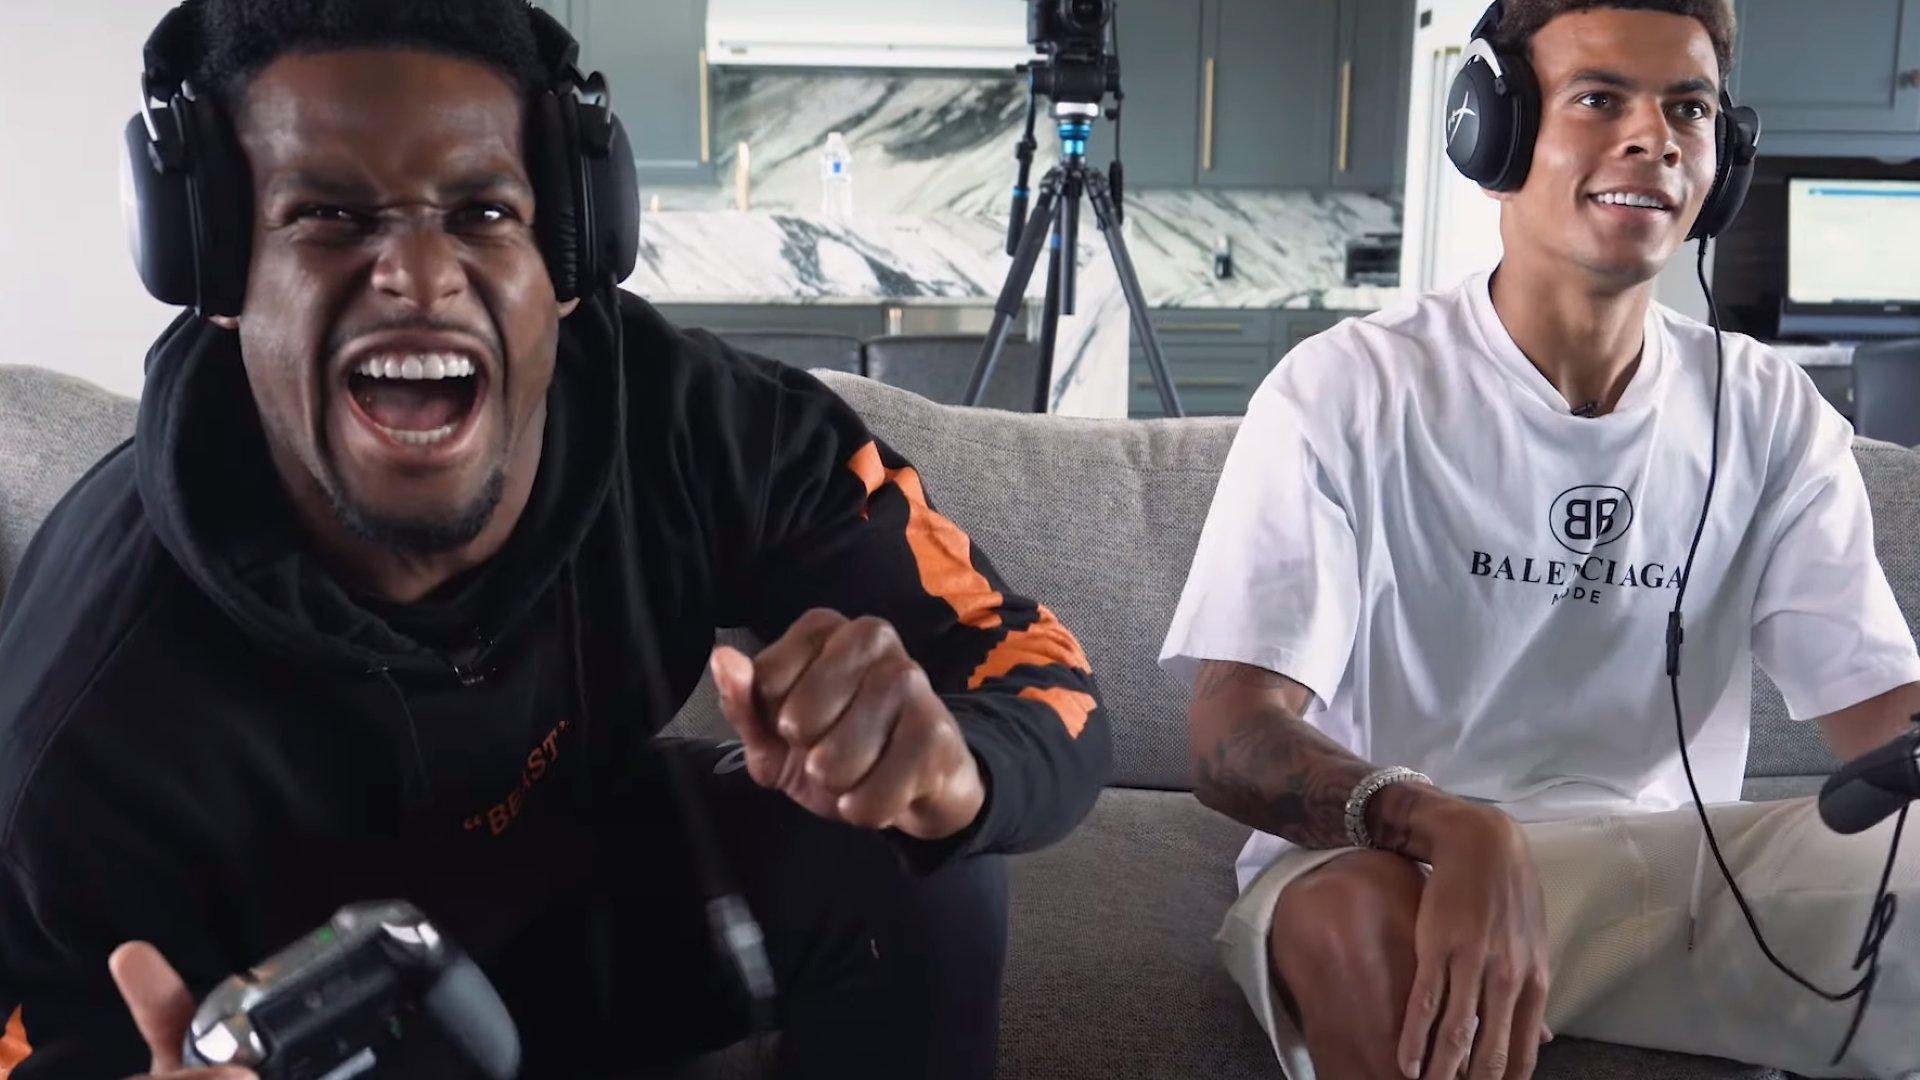 Le jeu, le football et le football s'unissent alors que Dele et JuJu s'unissent dans la maison de jeu HyperX.